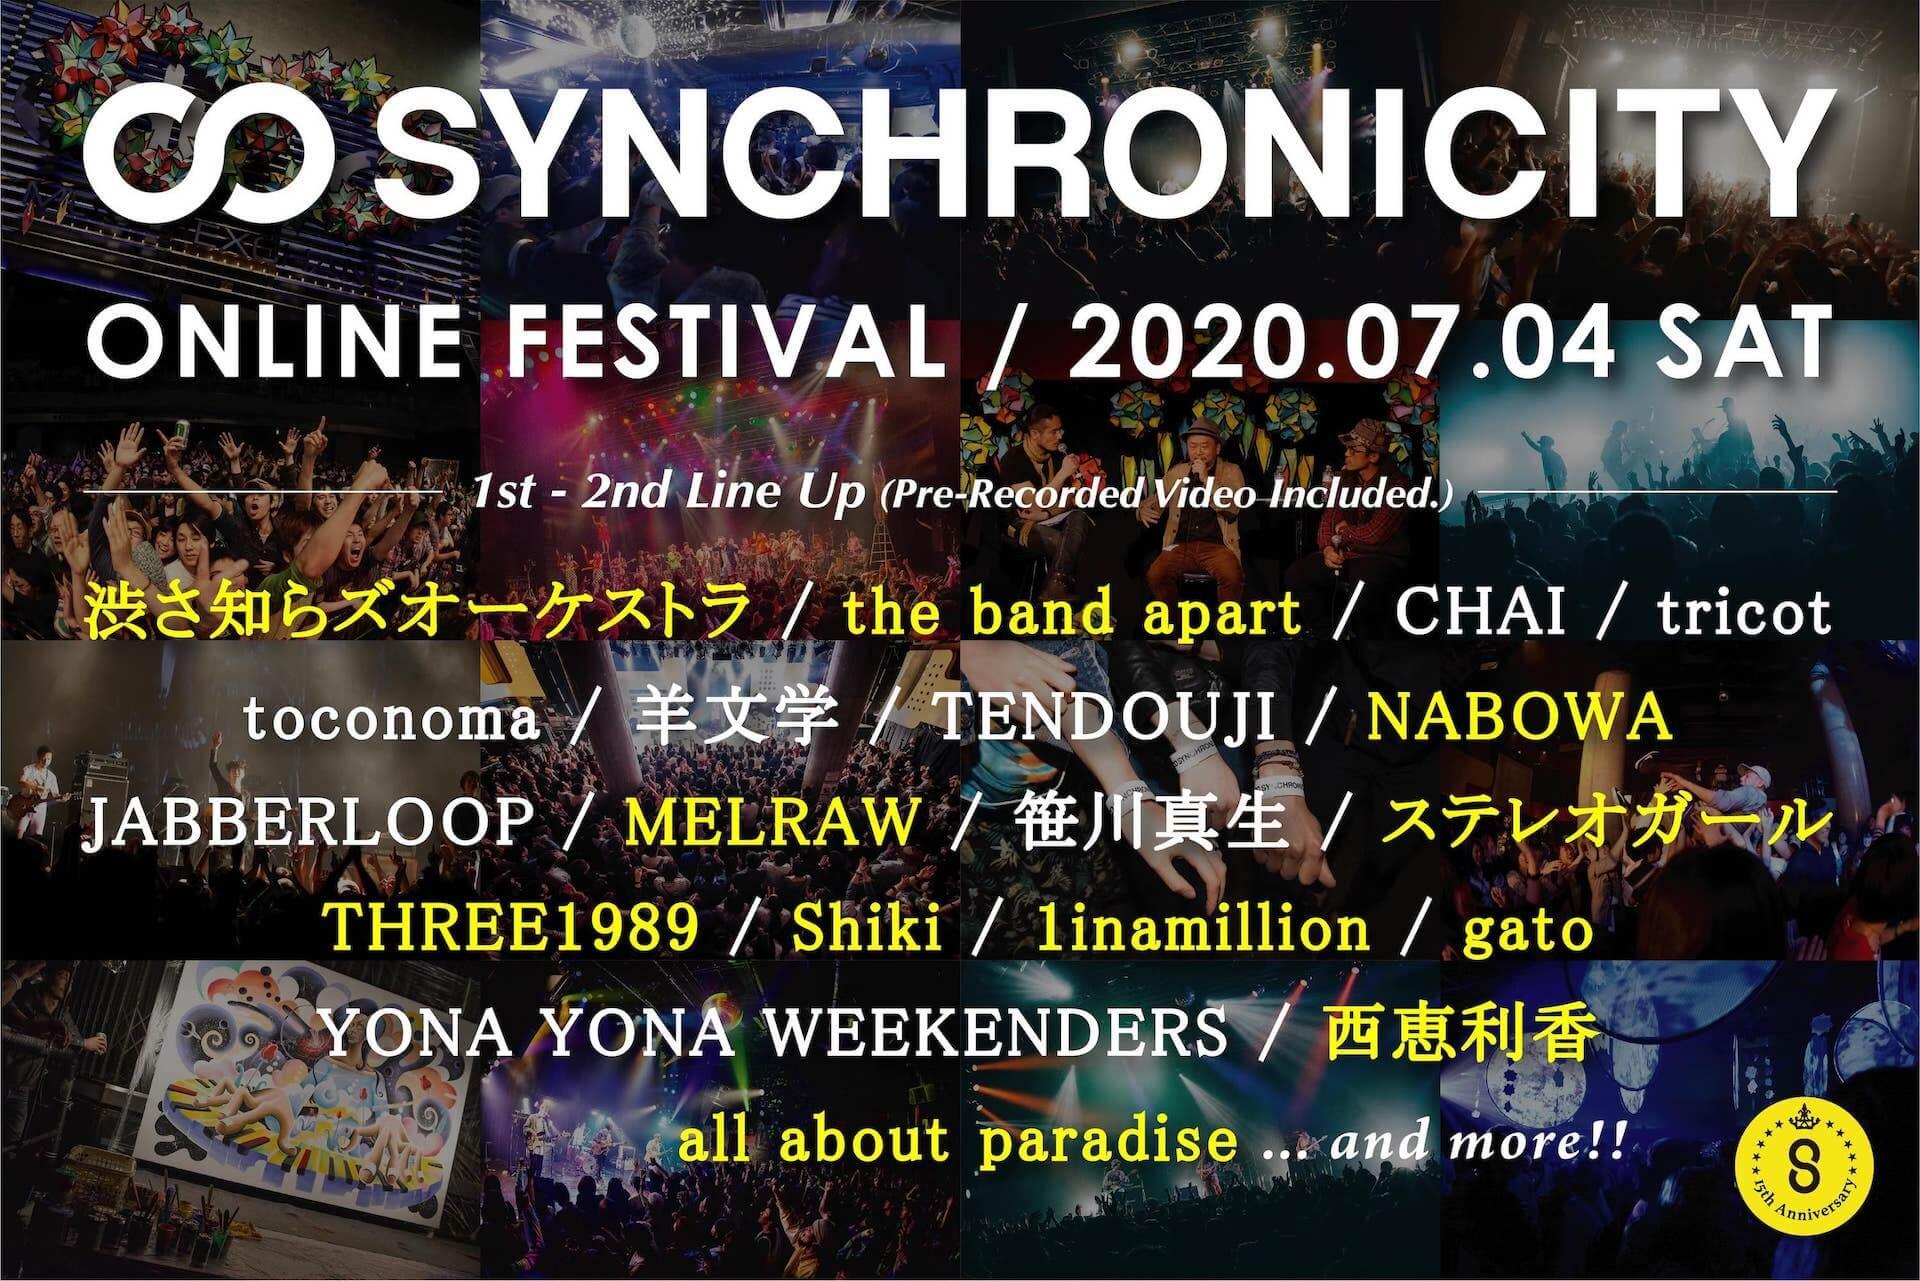 <SYNCHRONICITY2020>オンラインの第2弾出演者として渋さ知らズオーケストラ、the band apart、NABOWAら11組が追加 music200626_synchronicity20_lineup2_12